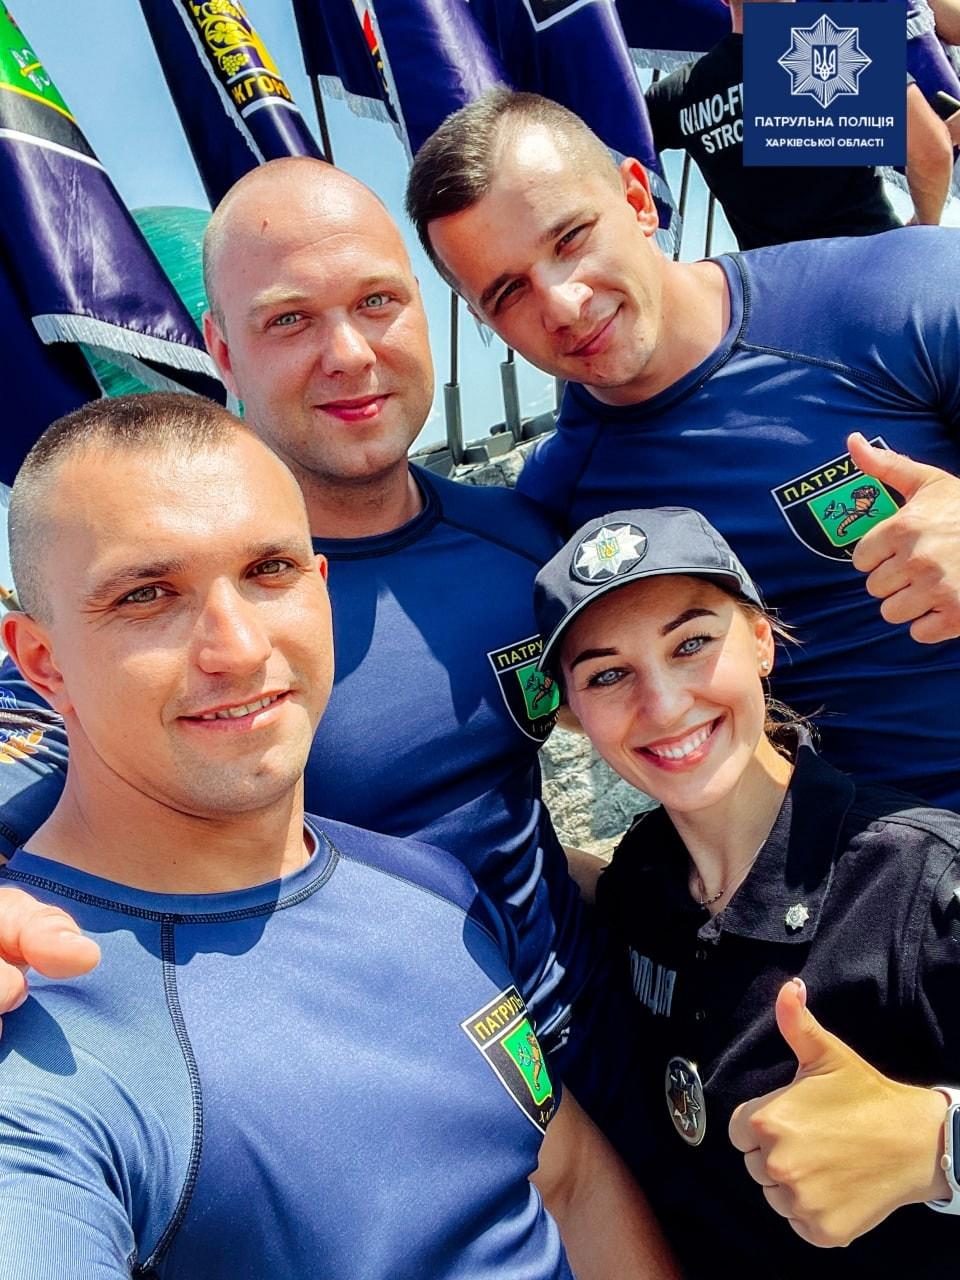 Харьковские патрульные соревнуются с силачами в Днепре